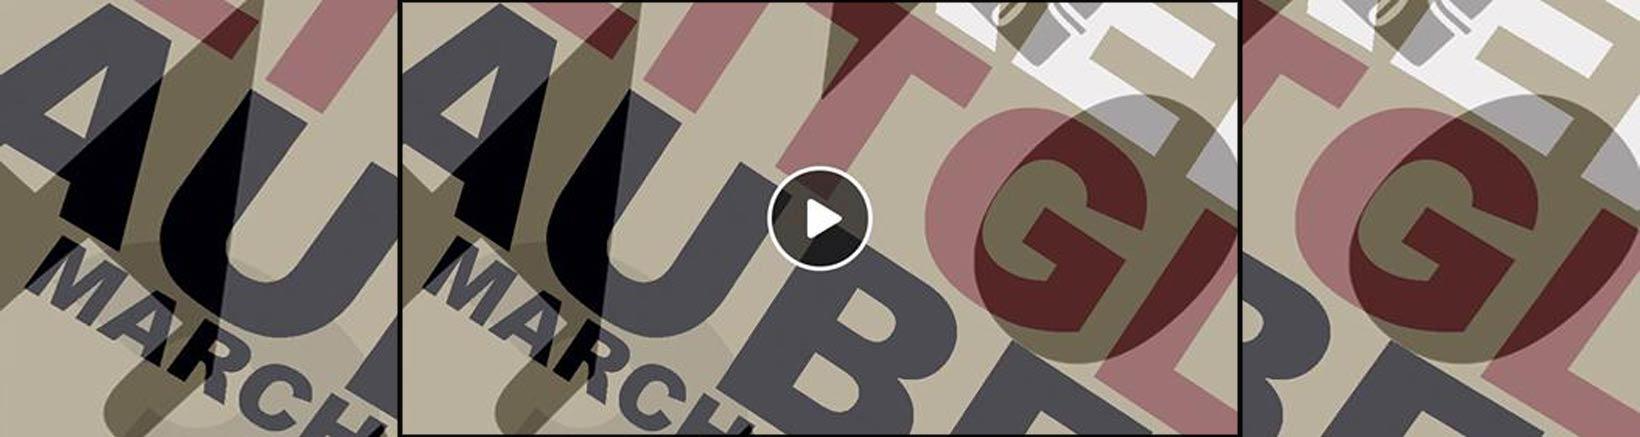 Freizeitglauben Podcast 03.2018 mixed by Danilo Schneider